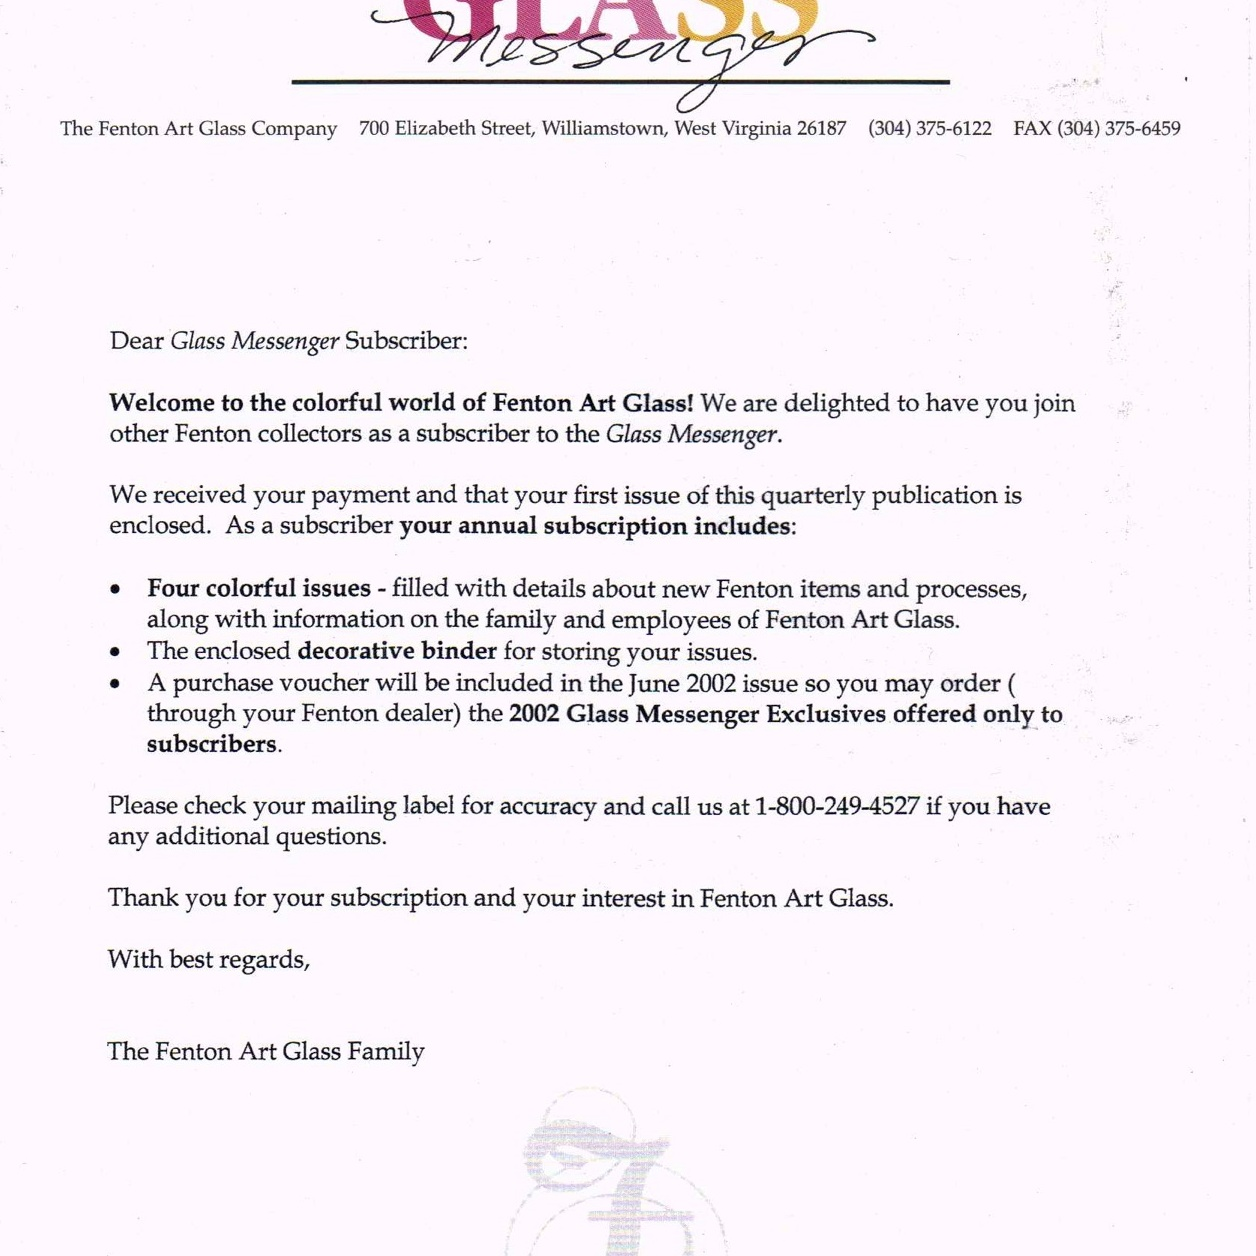 2002 Glass Messenger Letter